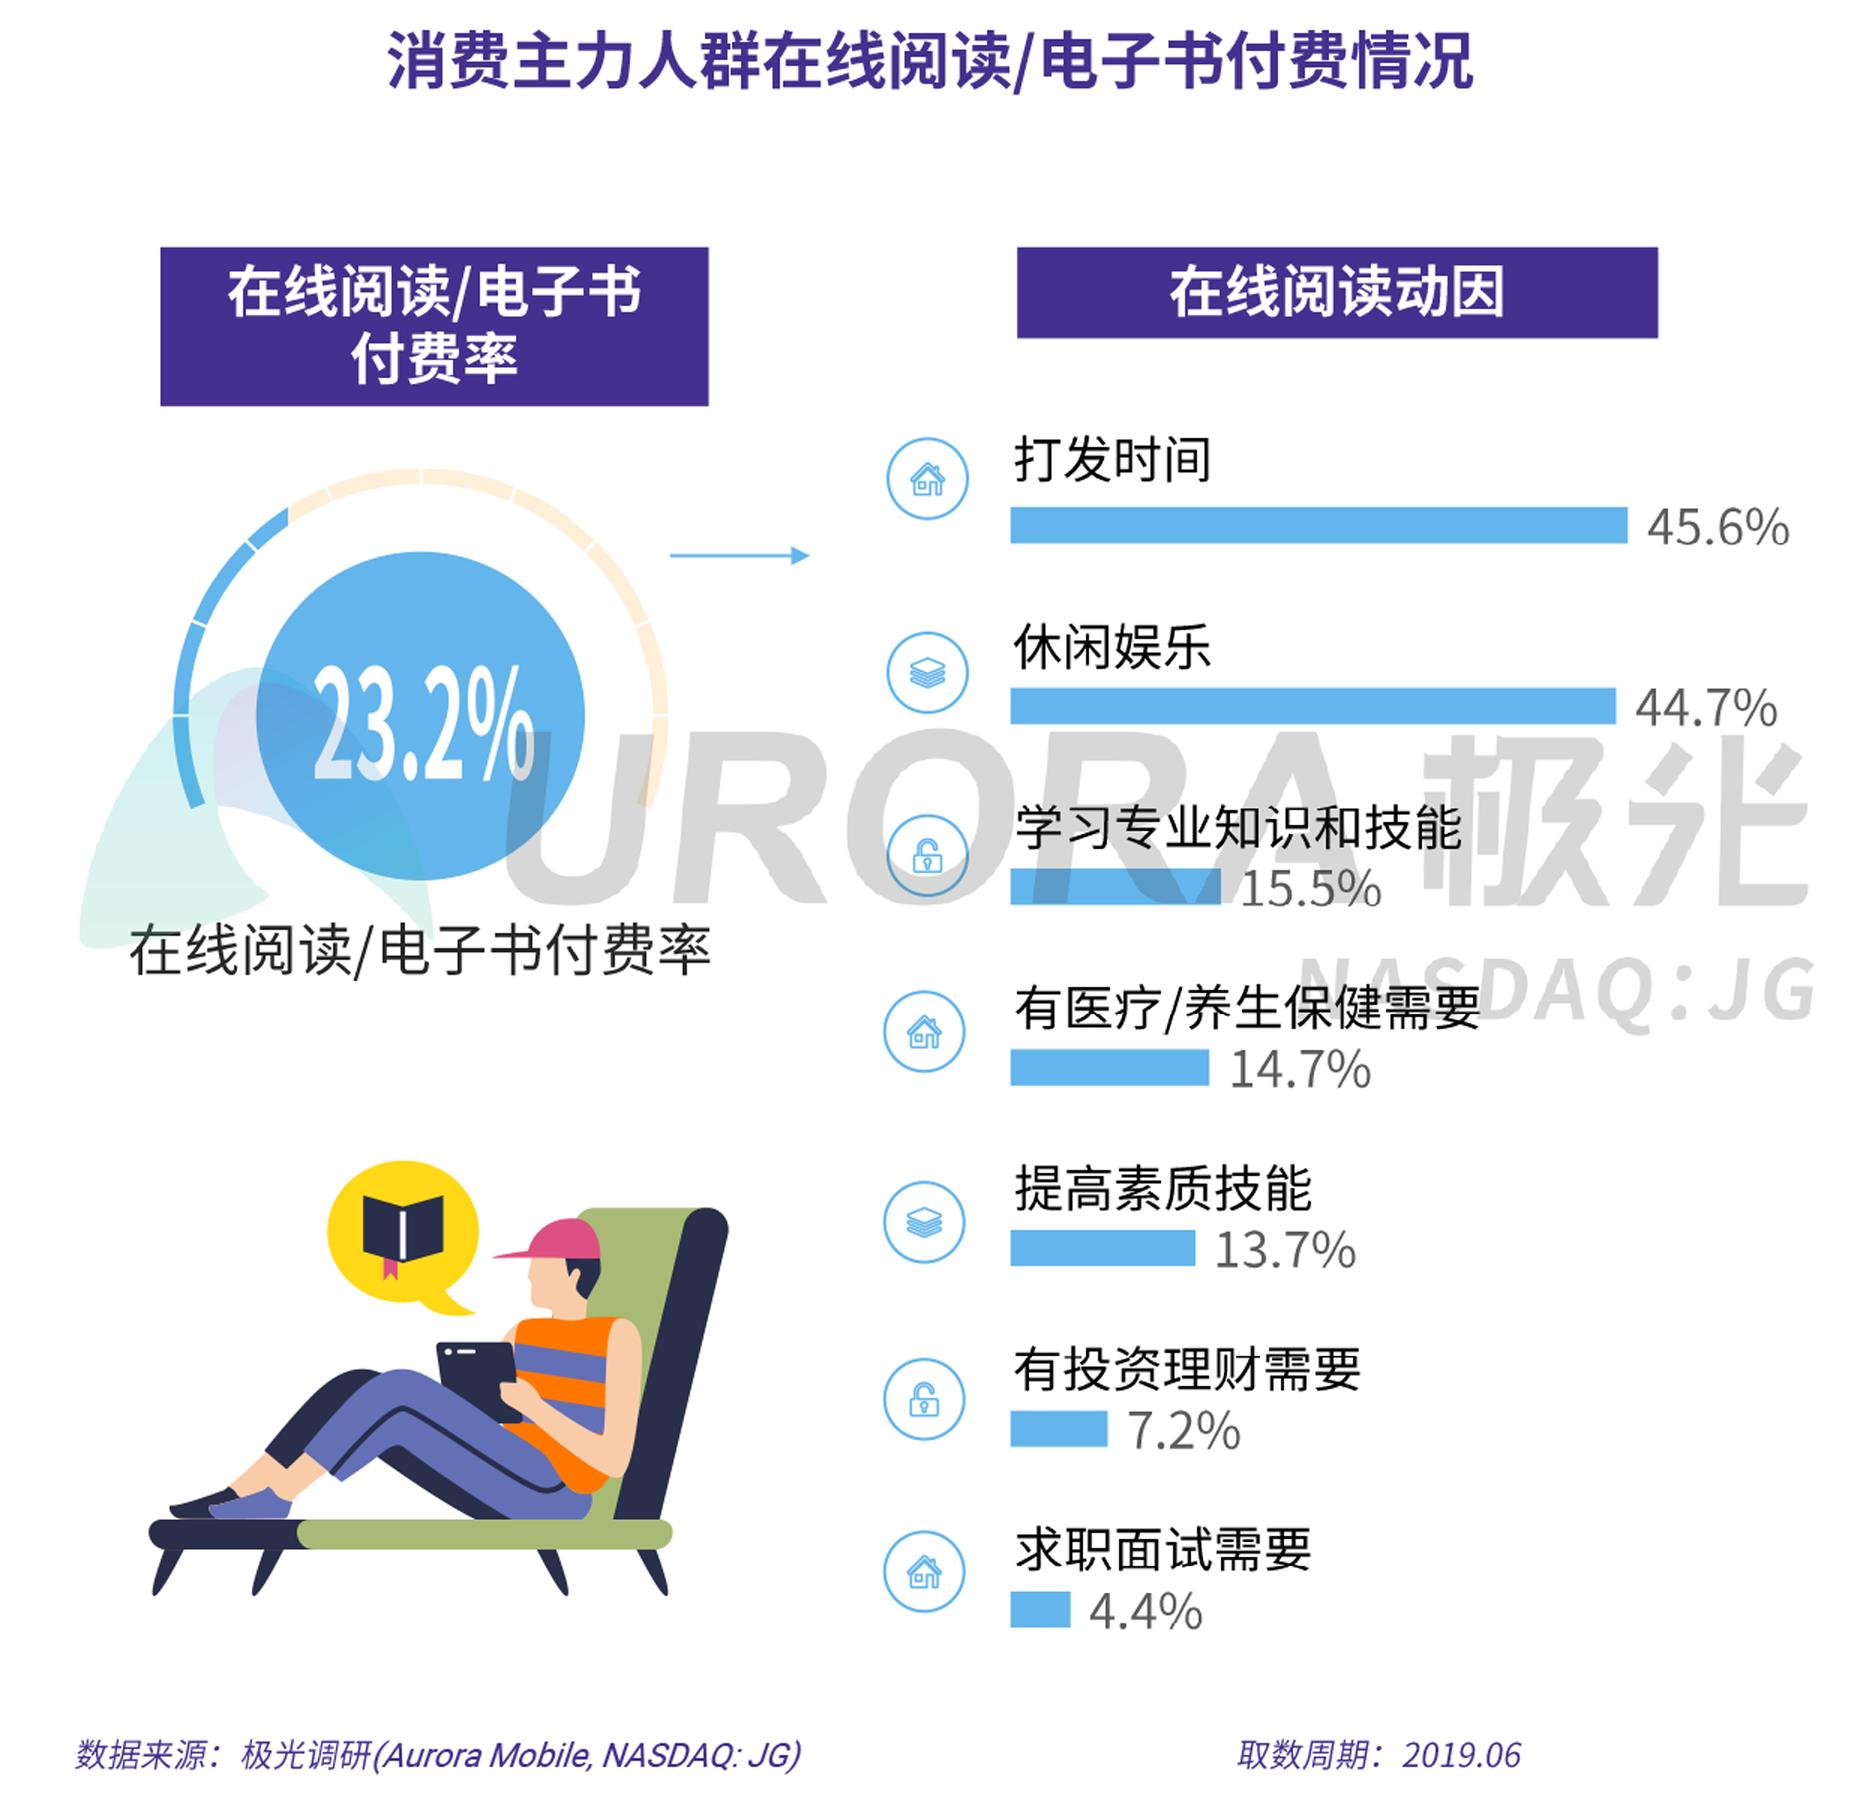 2019年消费主力人群虚拟产品付费研究报告-V5-11.png